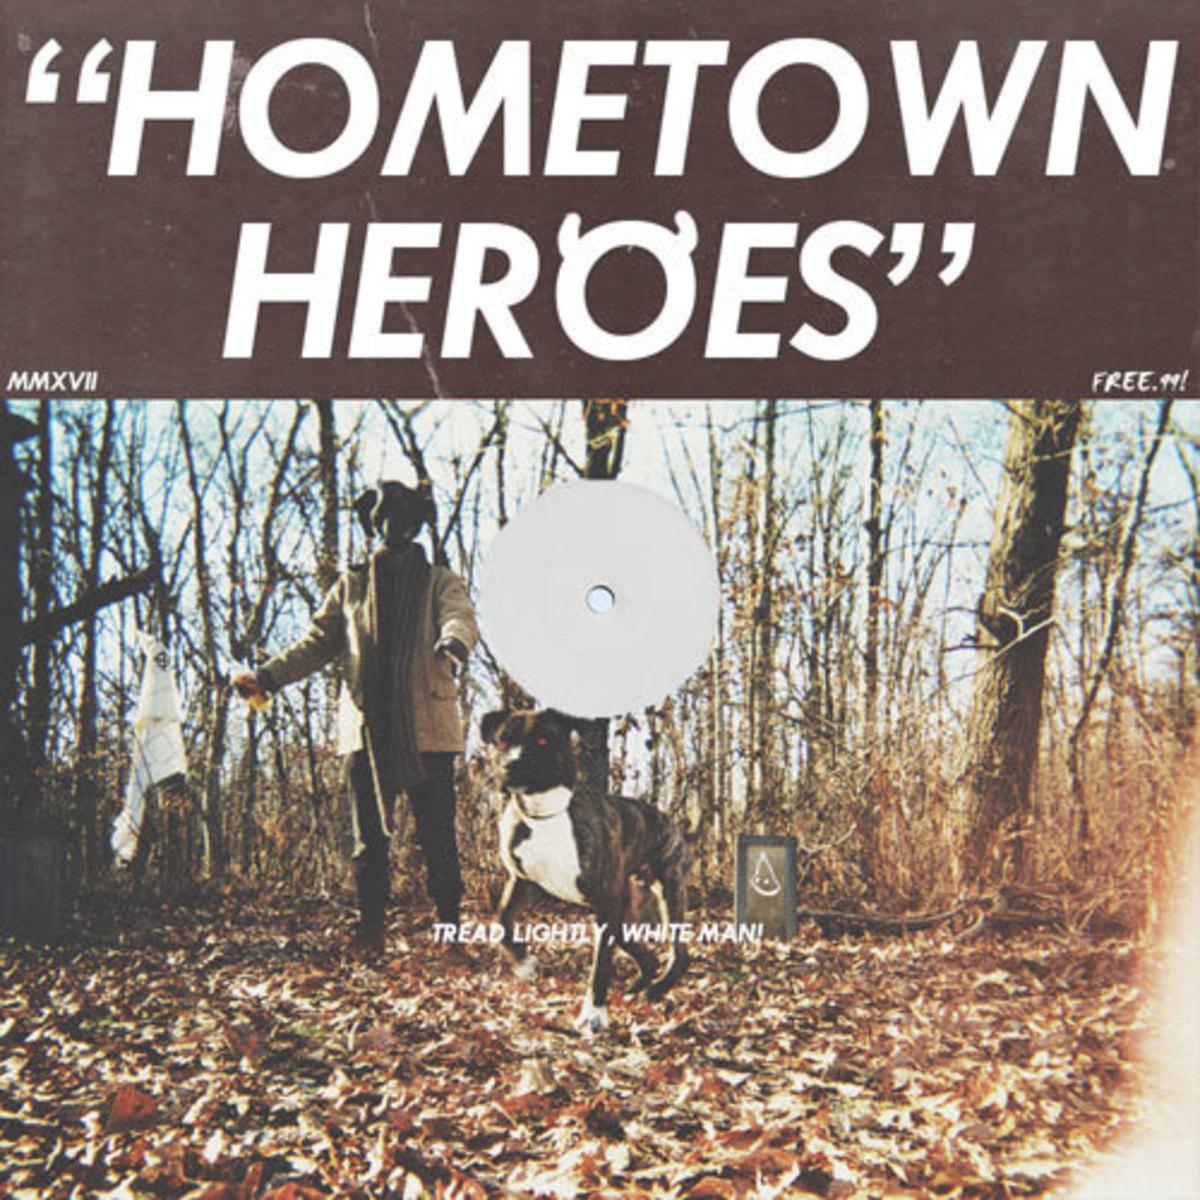 frank-leone-hometown-heroes.jpg